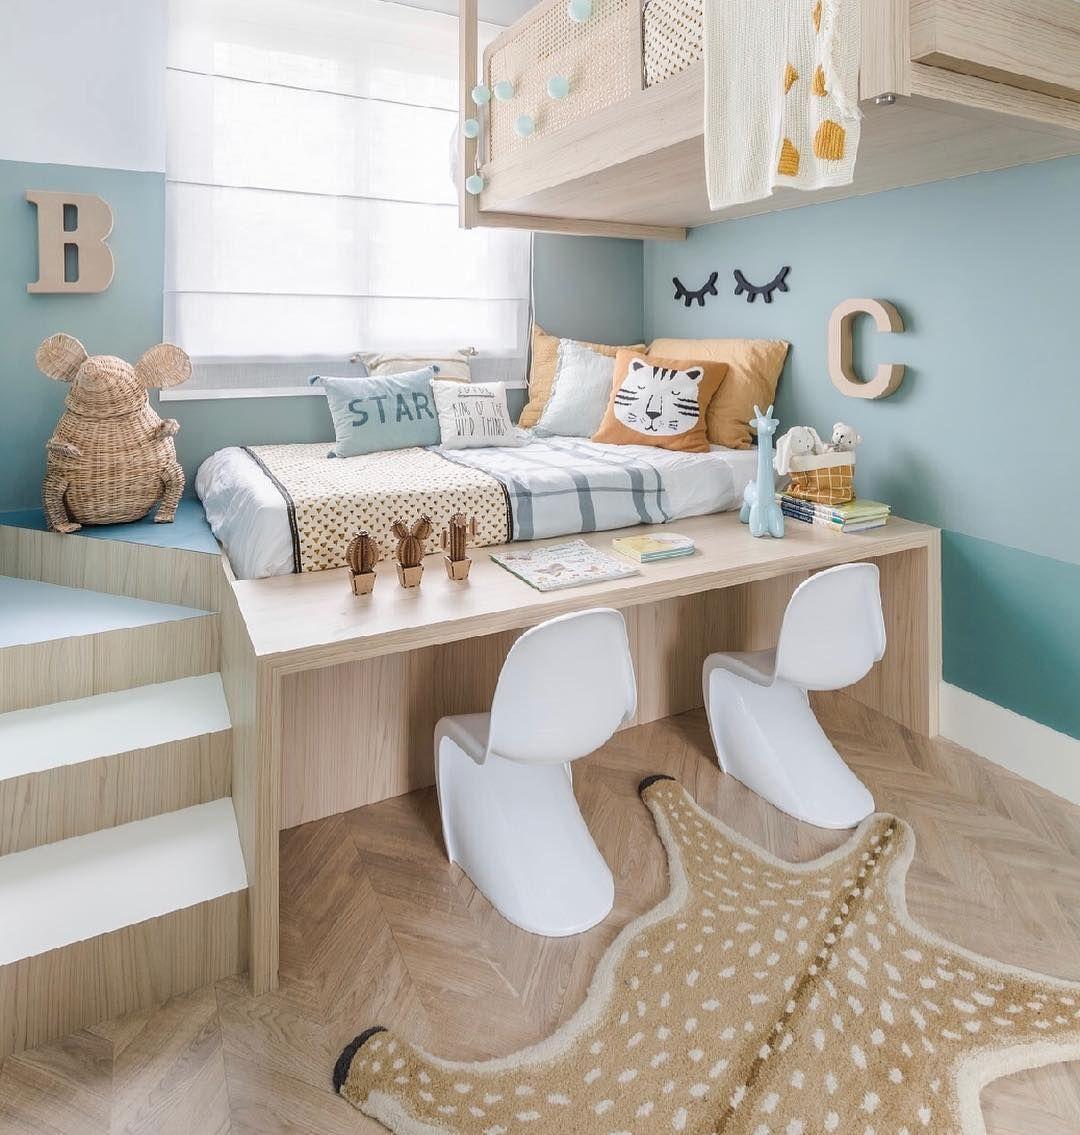 Nội thất phòng ngủ thông minh cho bé